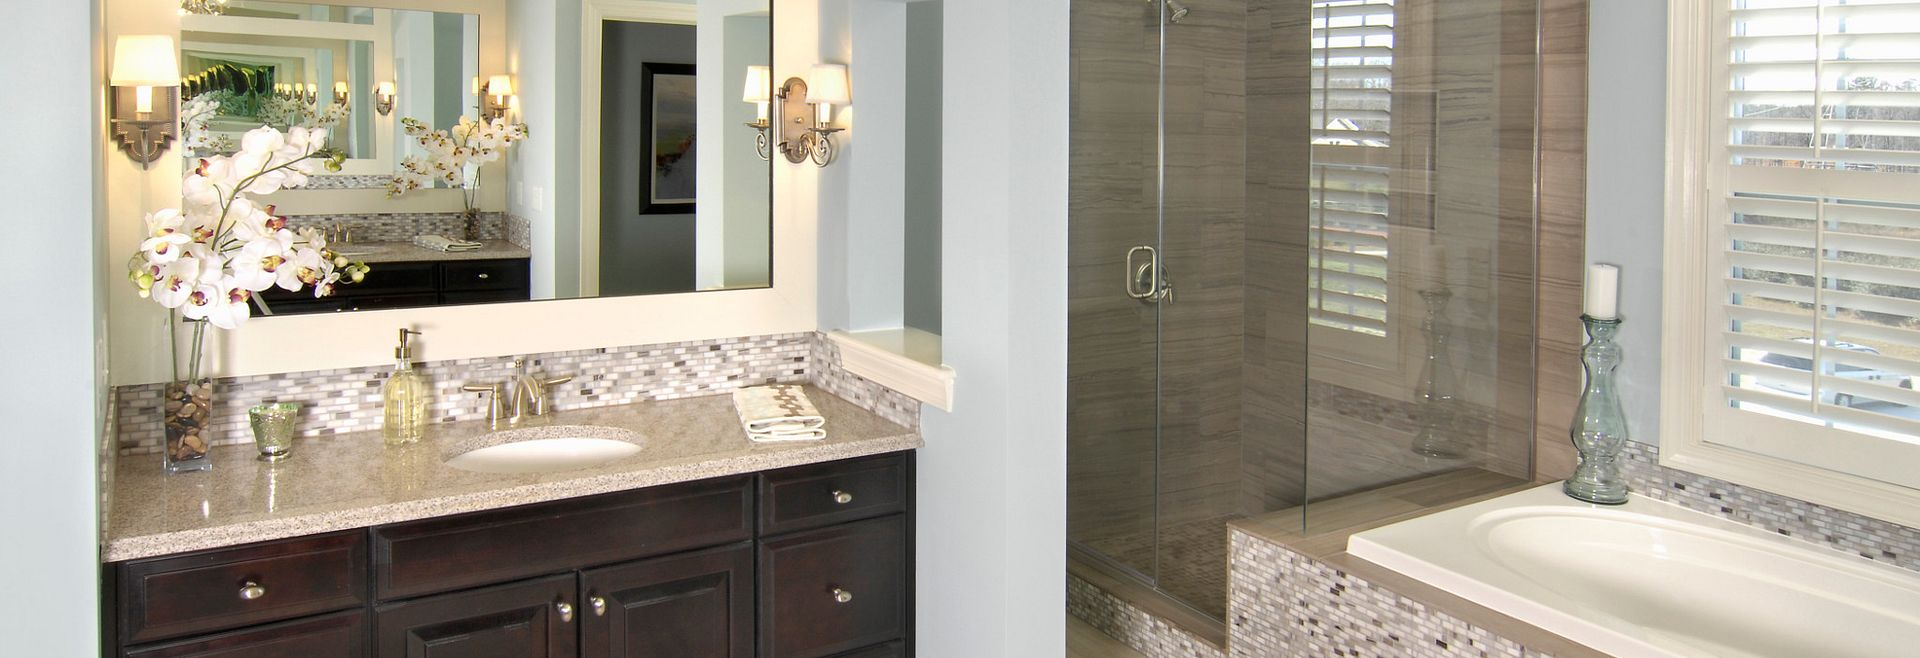 Silverado plan Owner's Bath